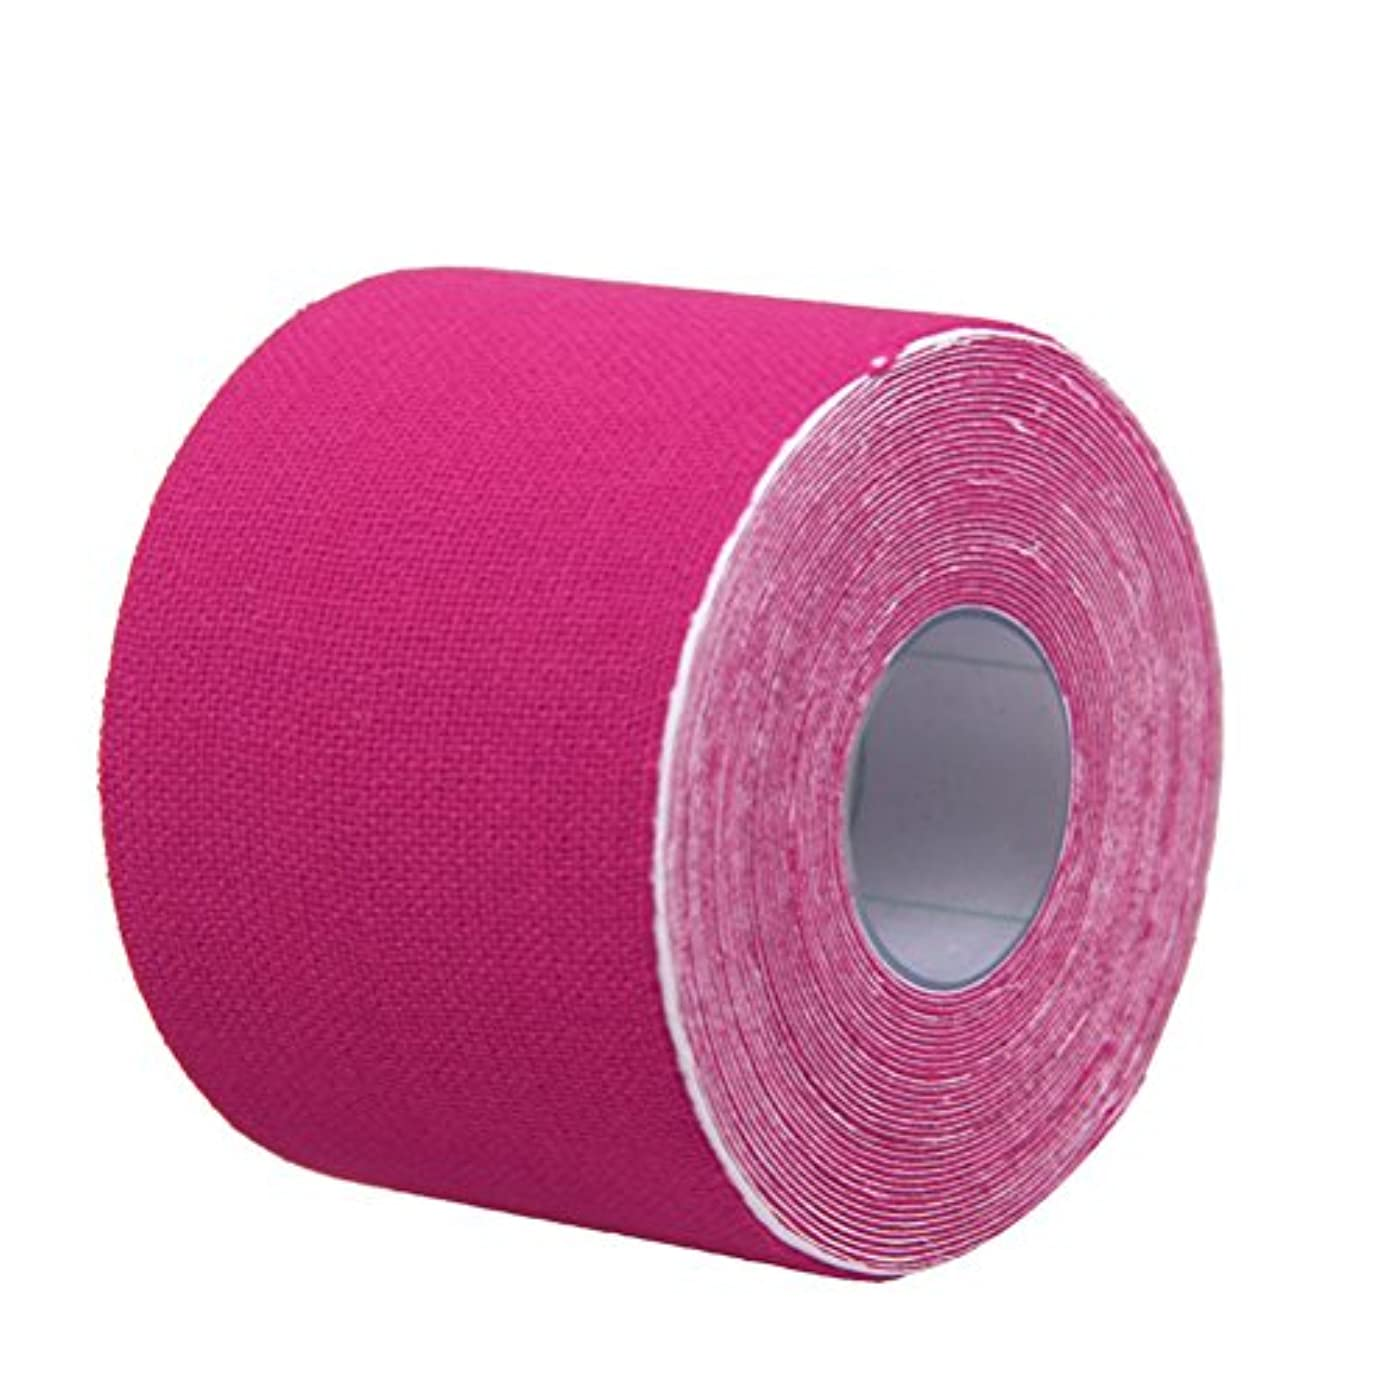 選出するうなずくゴムROSENICE キネシオロジーテープセットセラピースポーツフィジオセラピー500x2.5cm(ピンク)